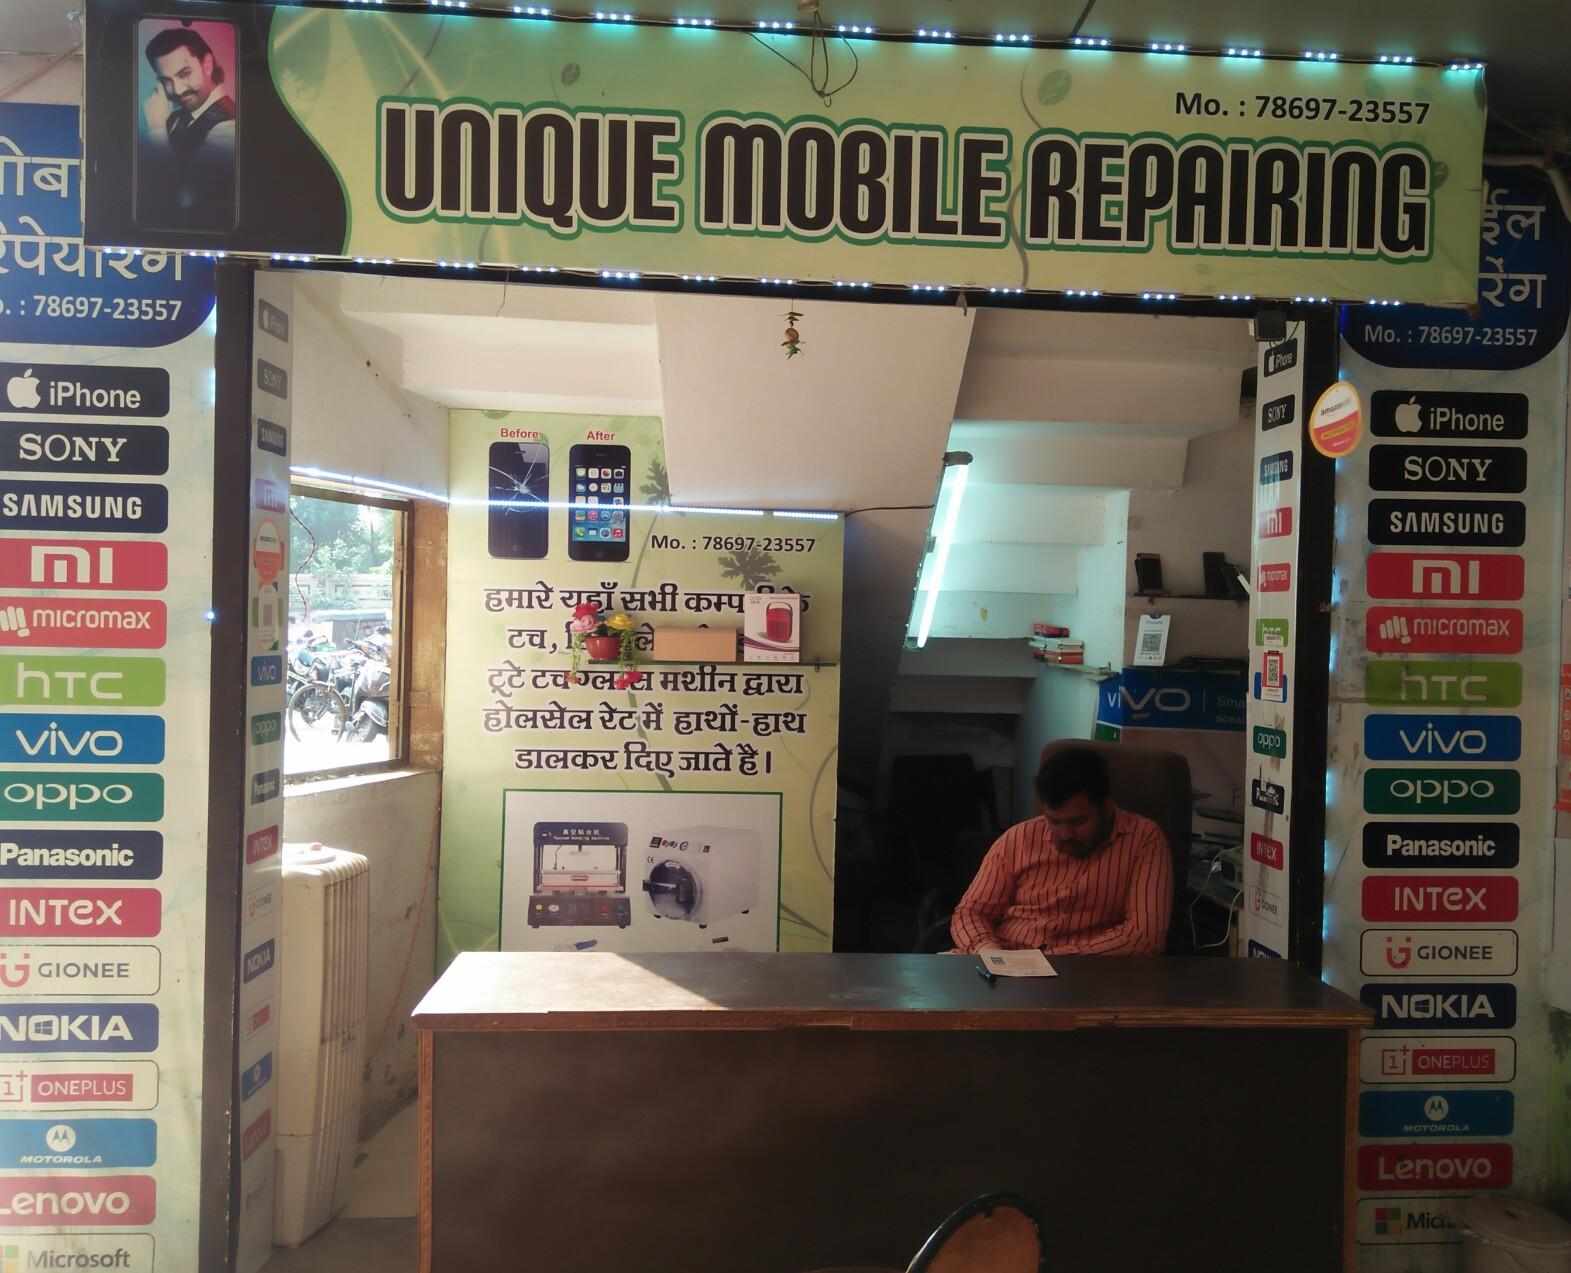 Unique mobile repairing